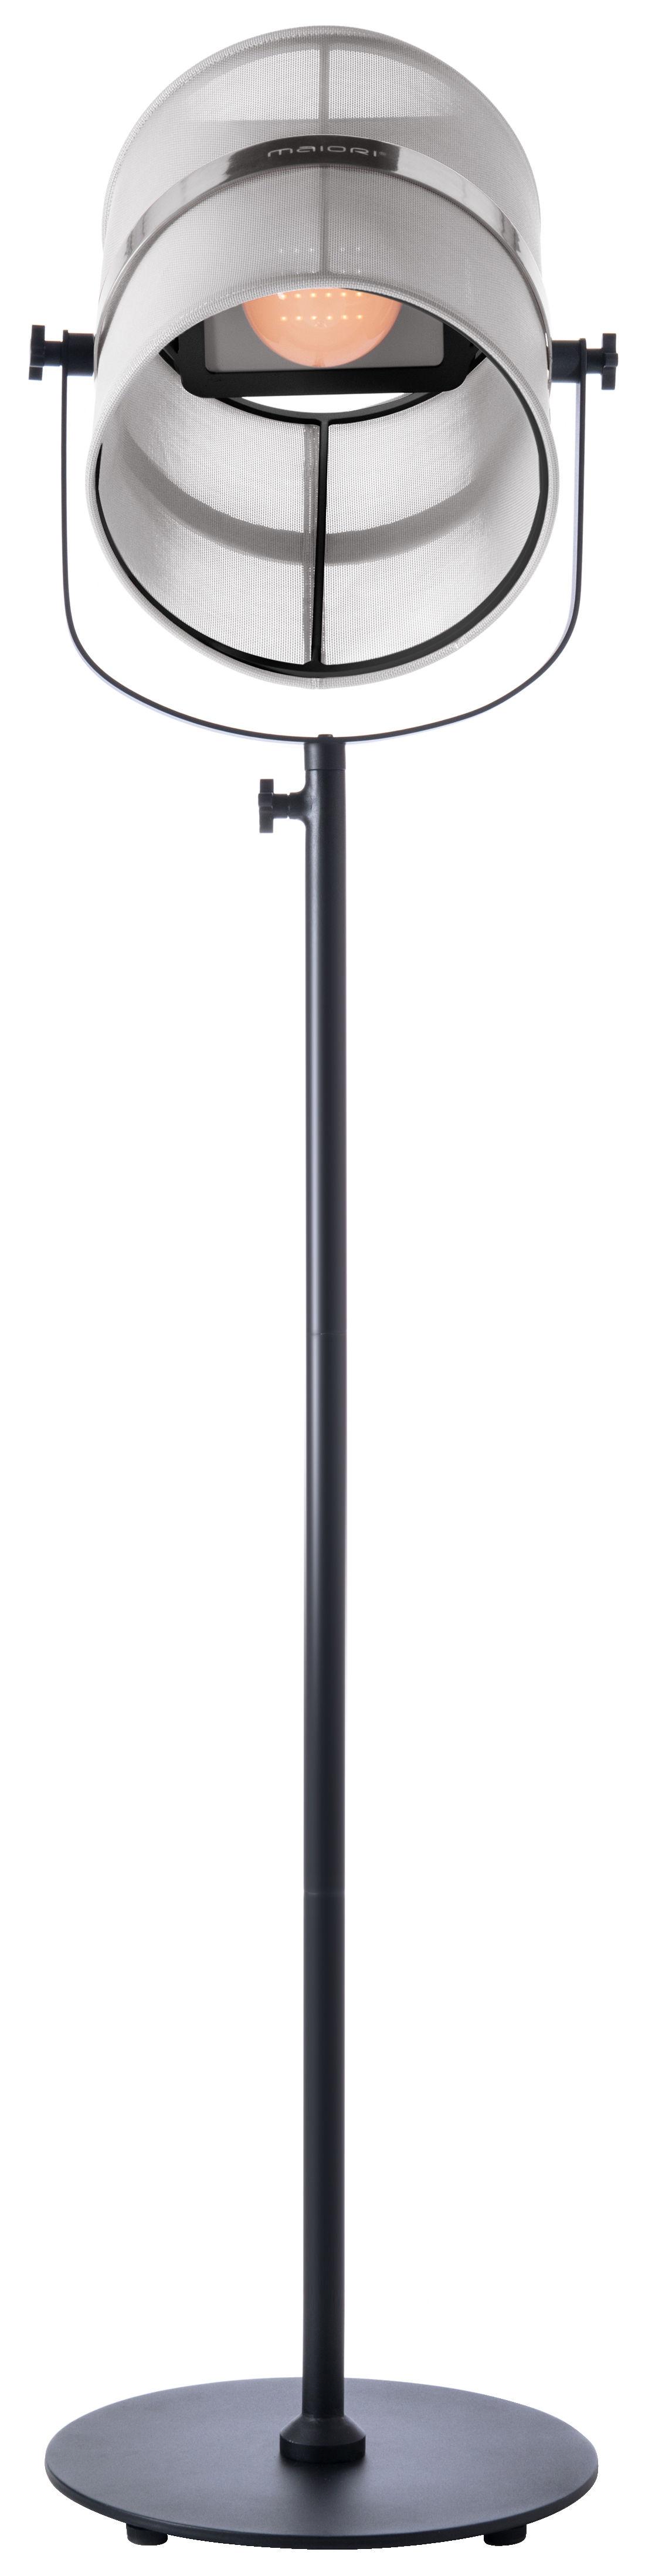 Luminaire - Lampadaires - Lampadaire solaire La Lampe Paris LED / Sans fil - Maiori - Blanc / Pied noir - Aluminium peint, Tissu